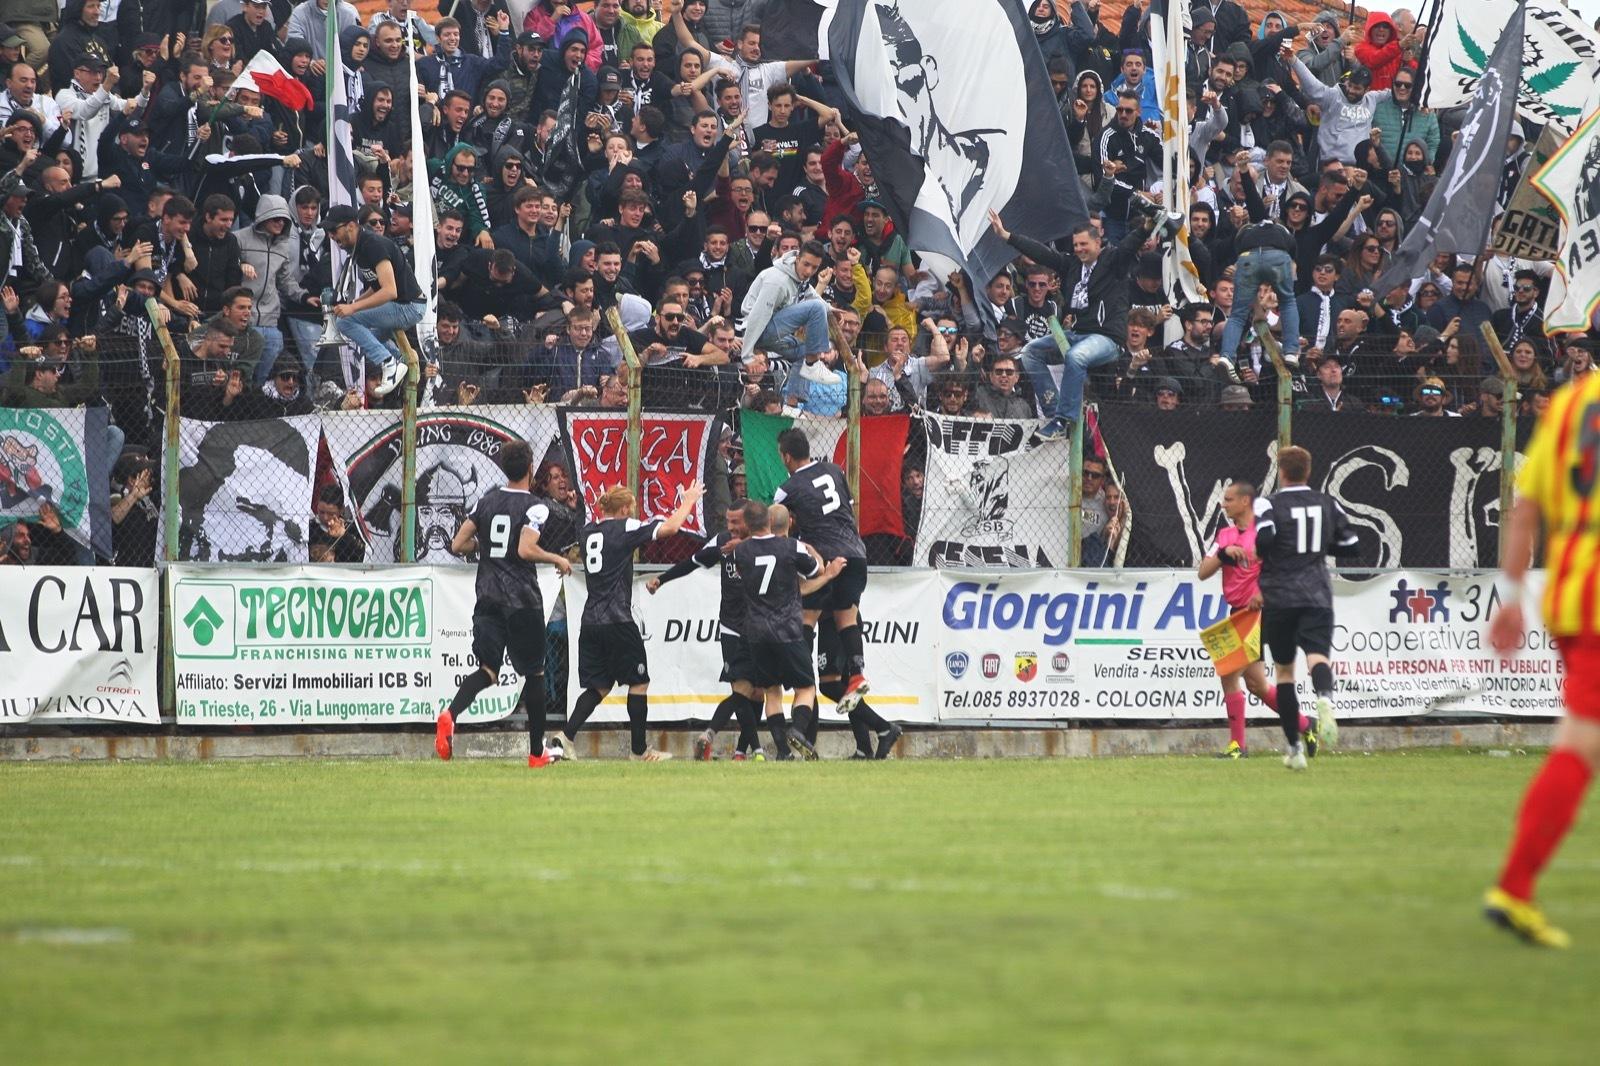 Al via la prevendita per il derby di Coppa Italia tra Rimini e Cesena